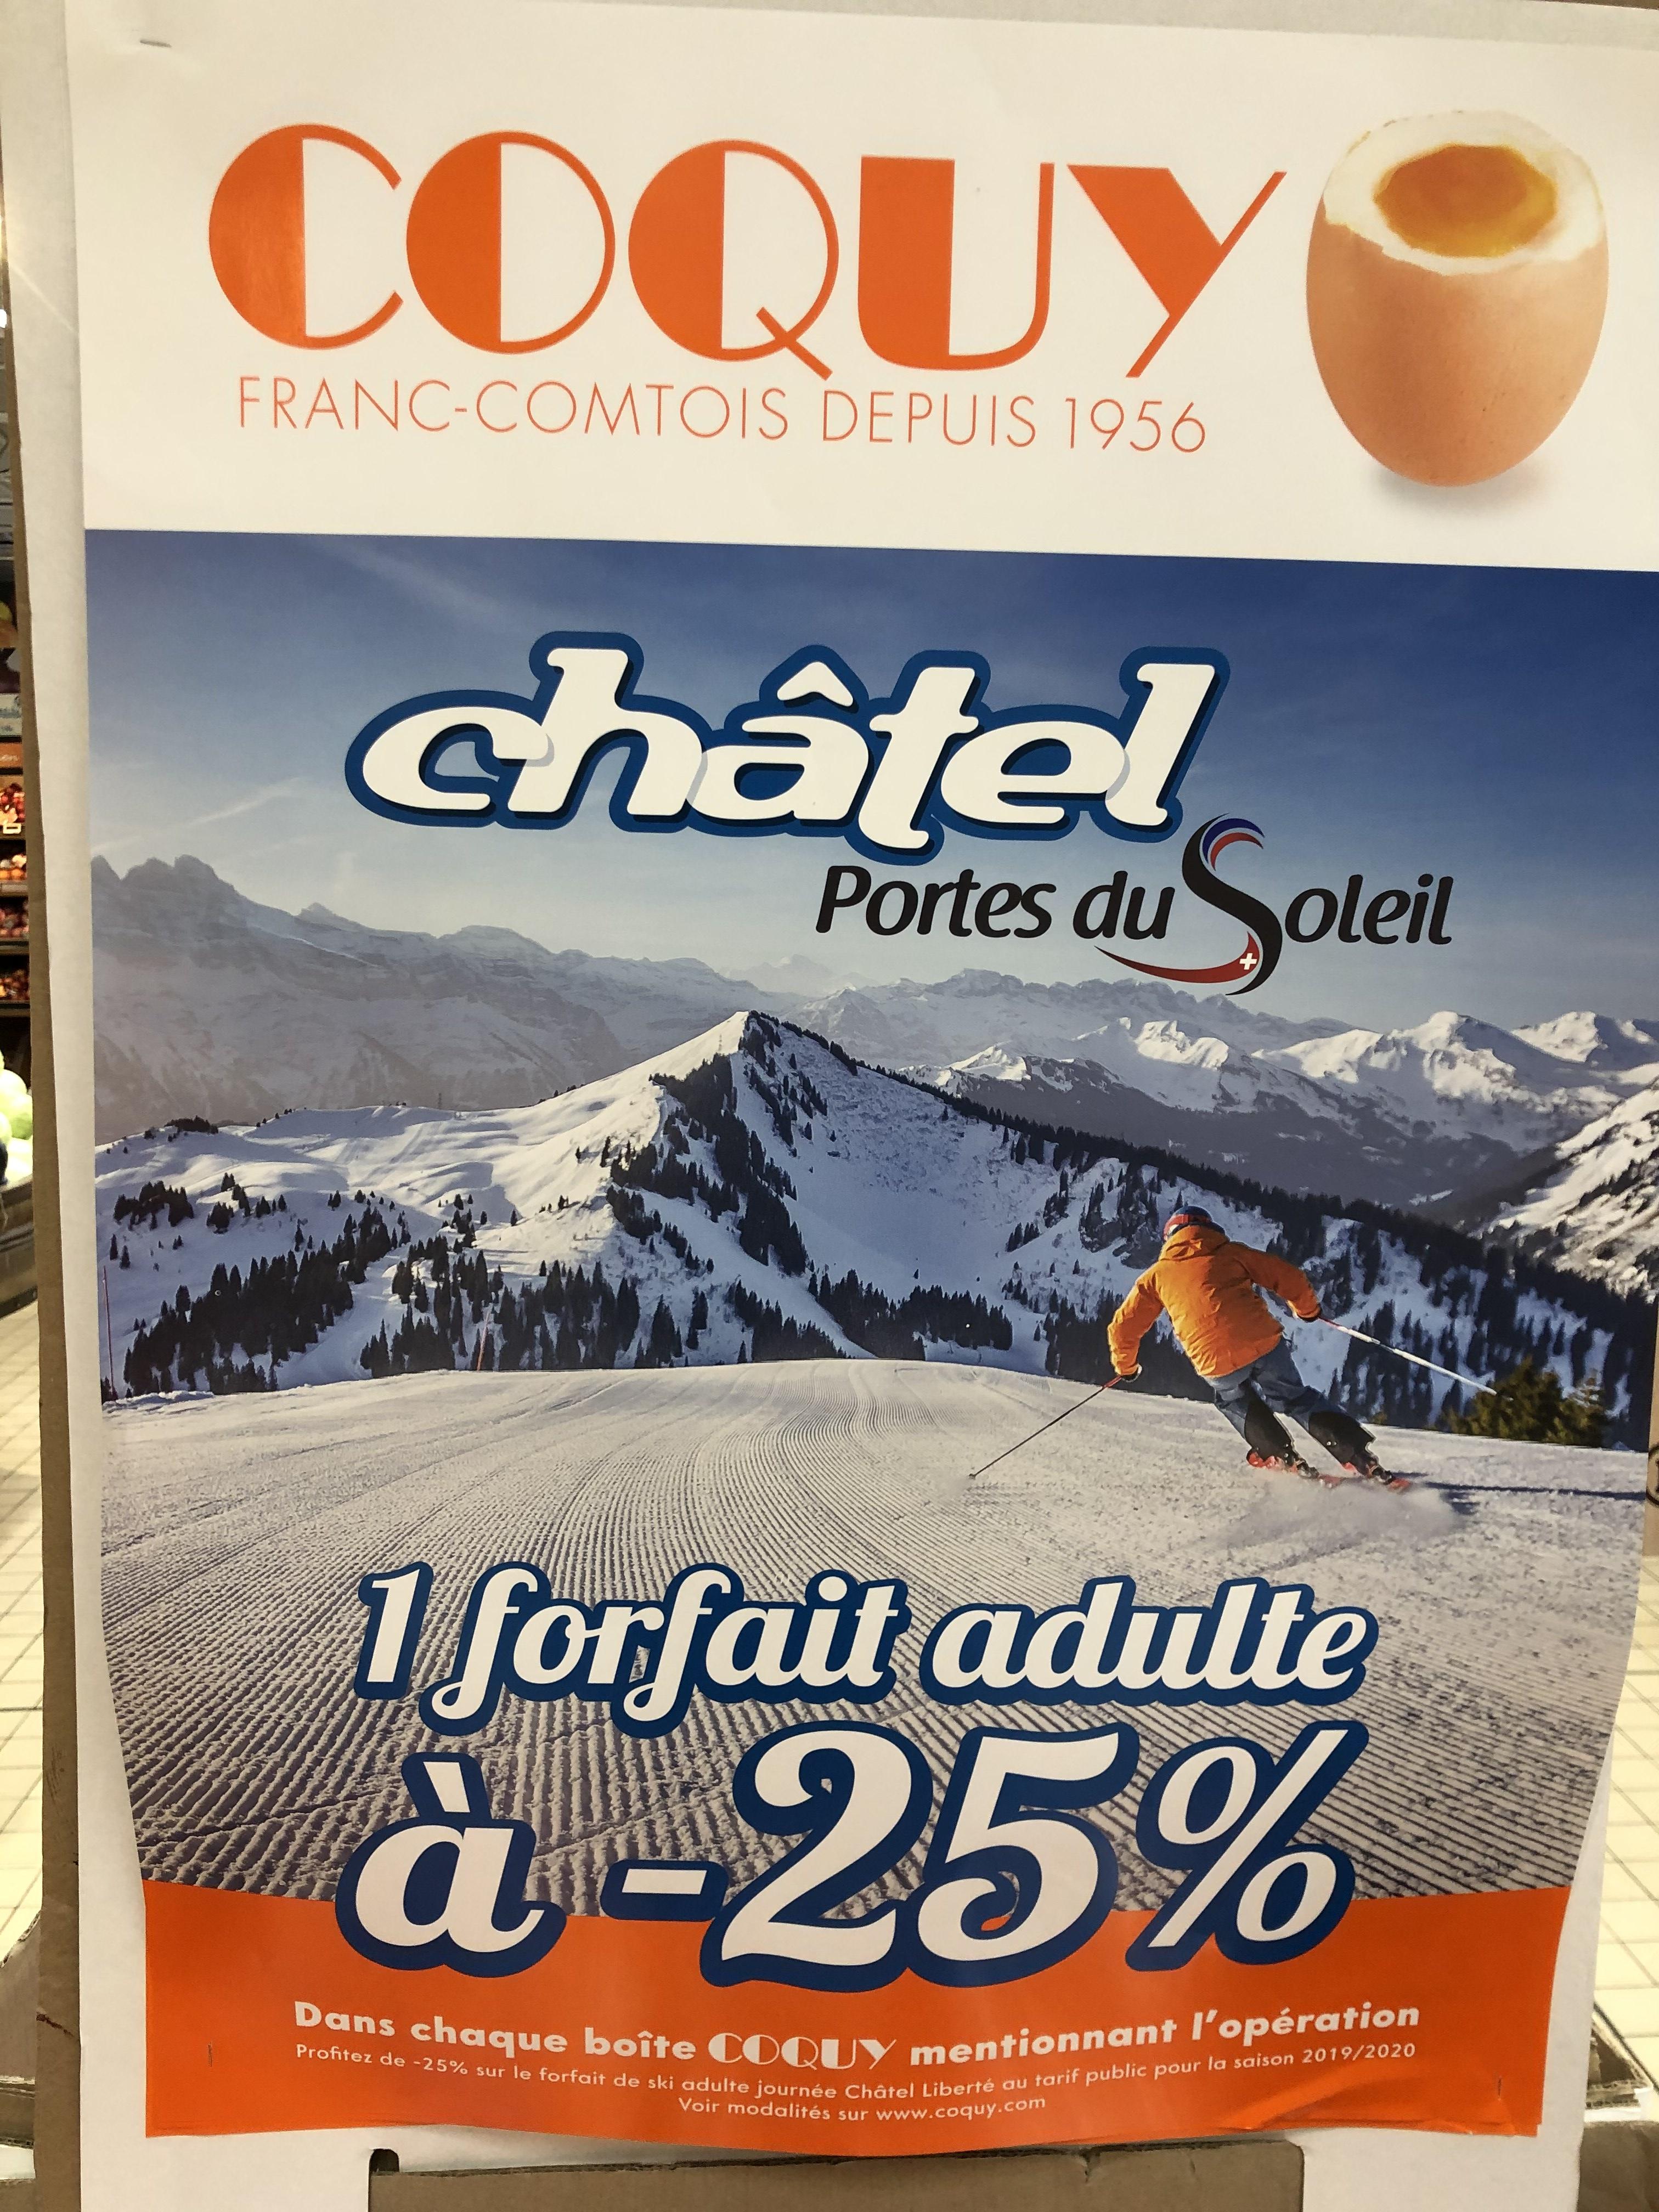 25% de réduction sur un forfait ski Châtel pour l'achat d'une boîte d'œuf Coquy